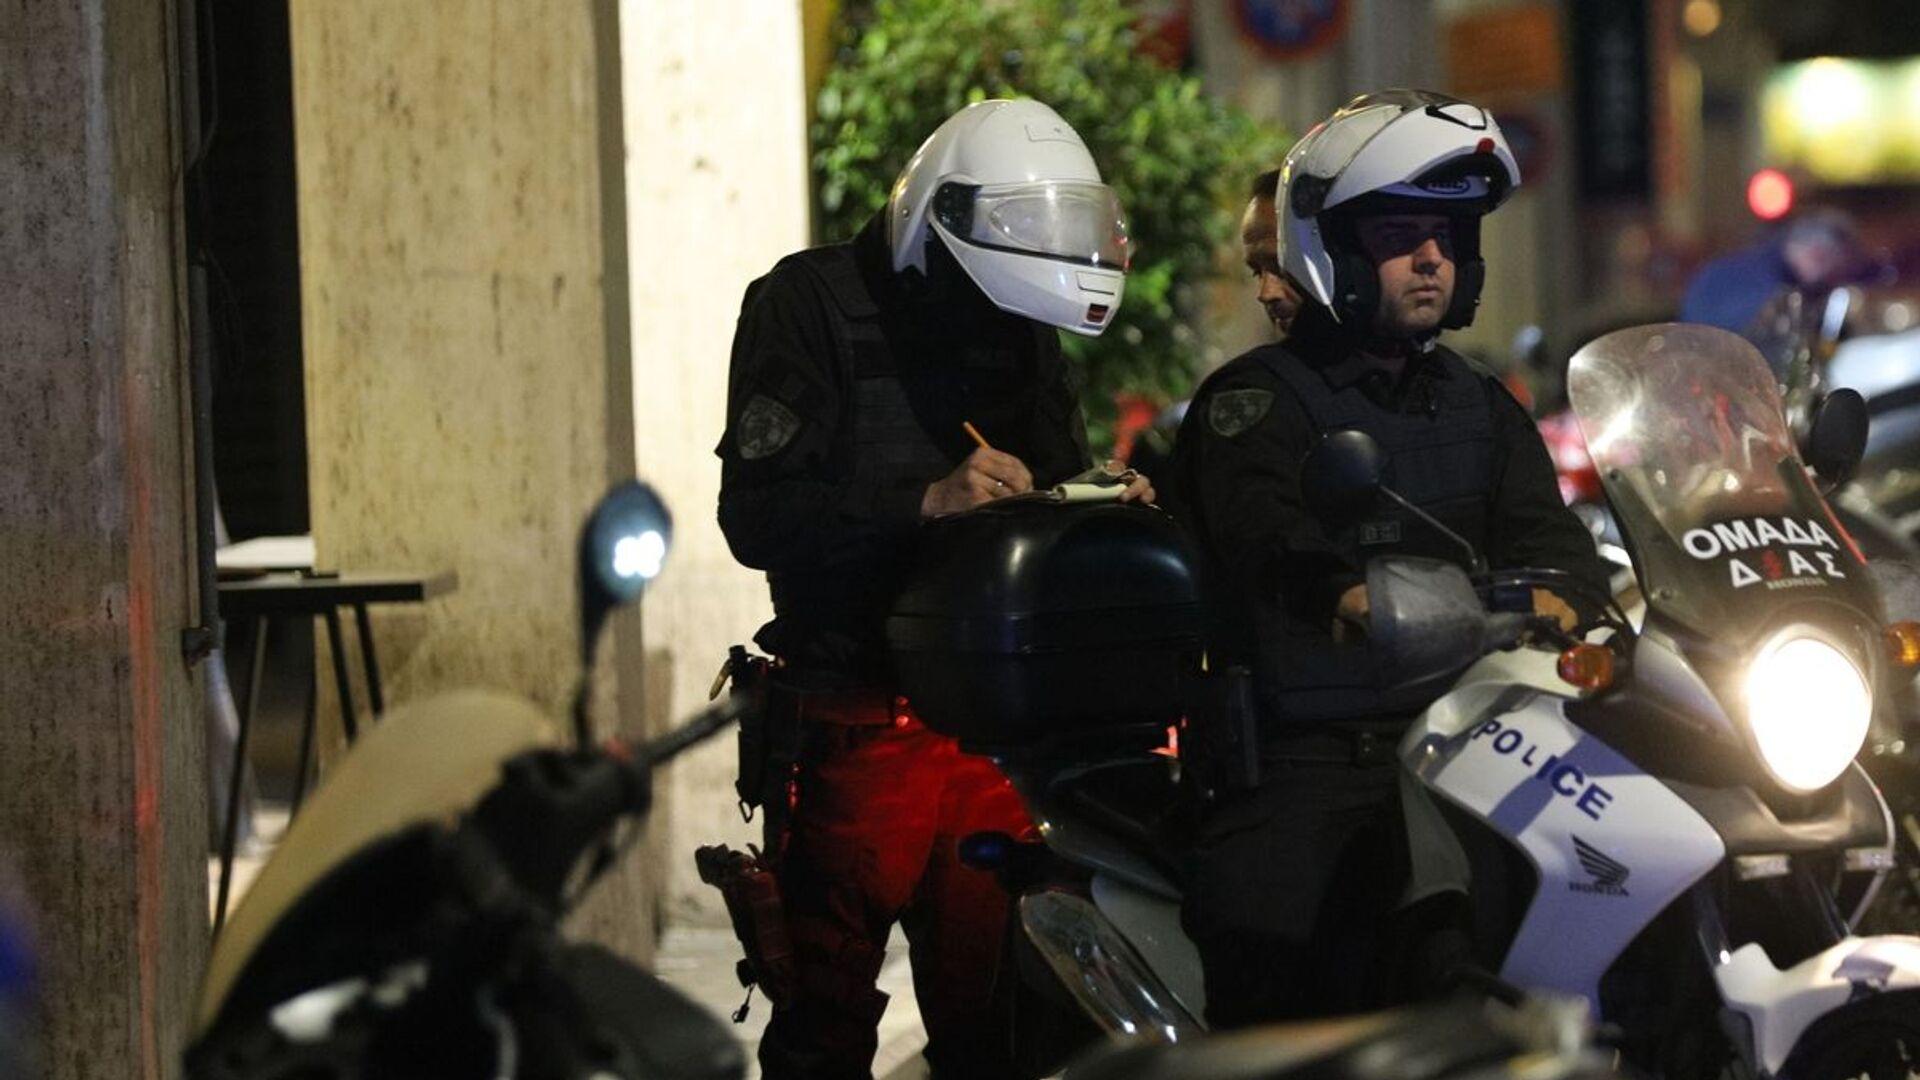 Αστυνομικοί έλεγχοι για τη νυχτερινή απαγόρευση κυκλοφορίας - Sputnik Ελλάδα, 1920, 03.10.2021